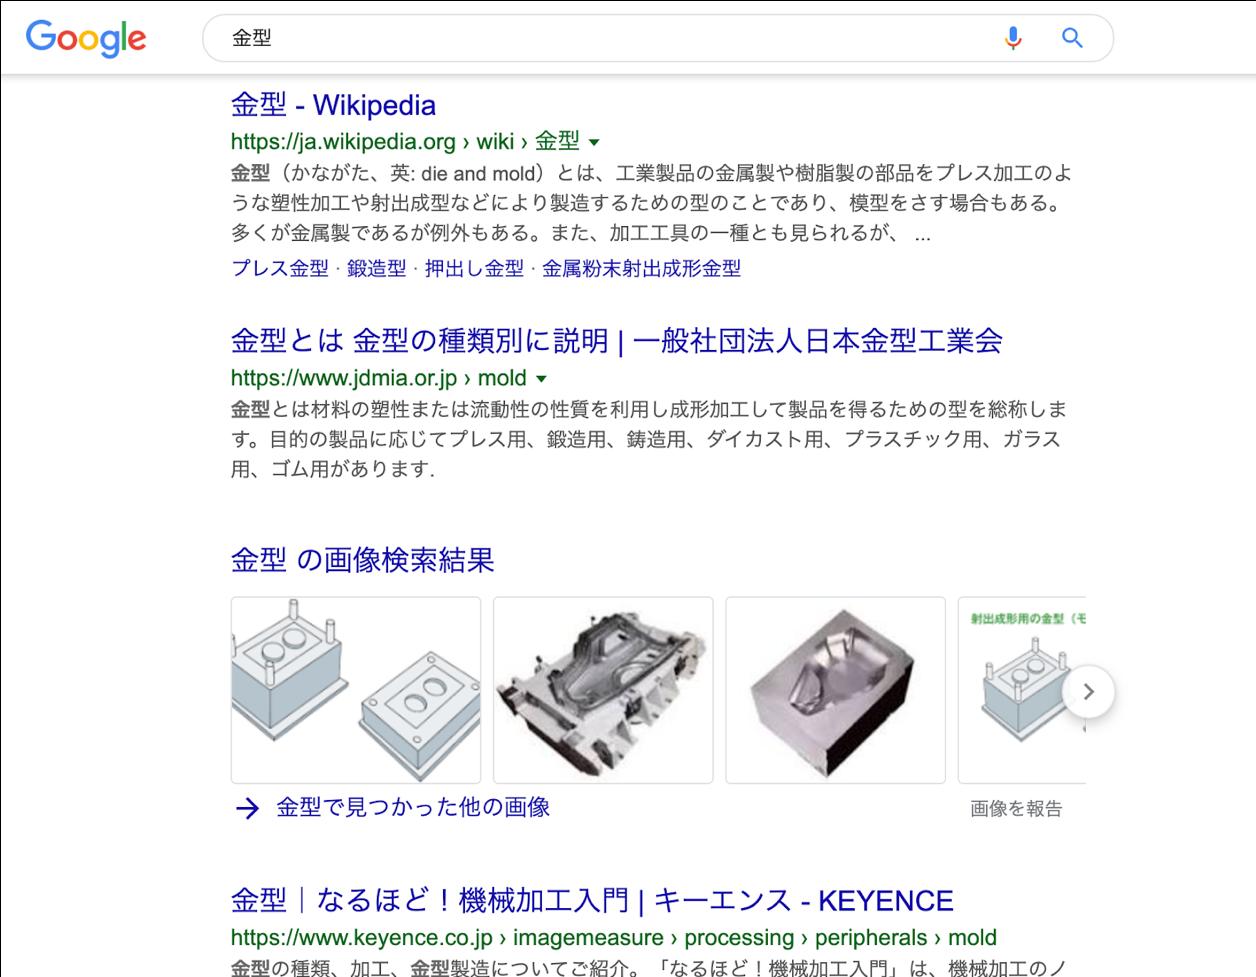 「金型」の検索結果